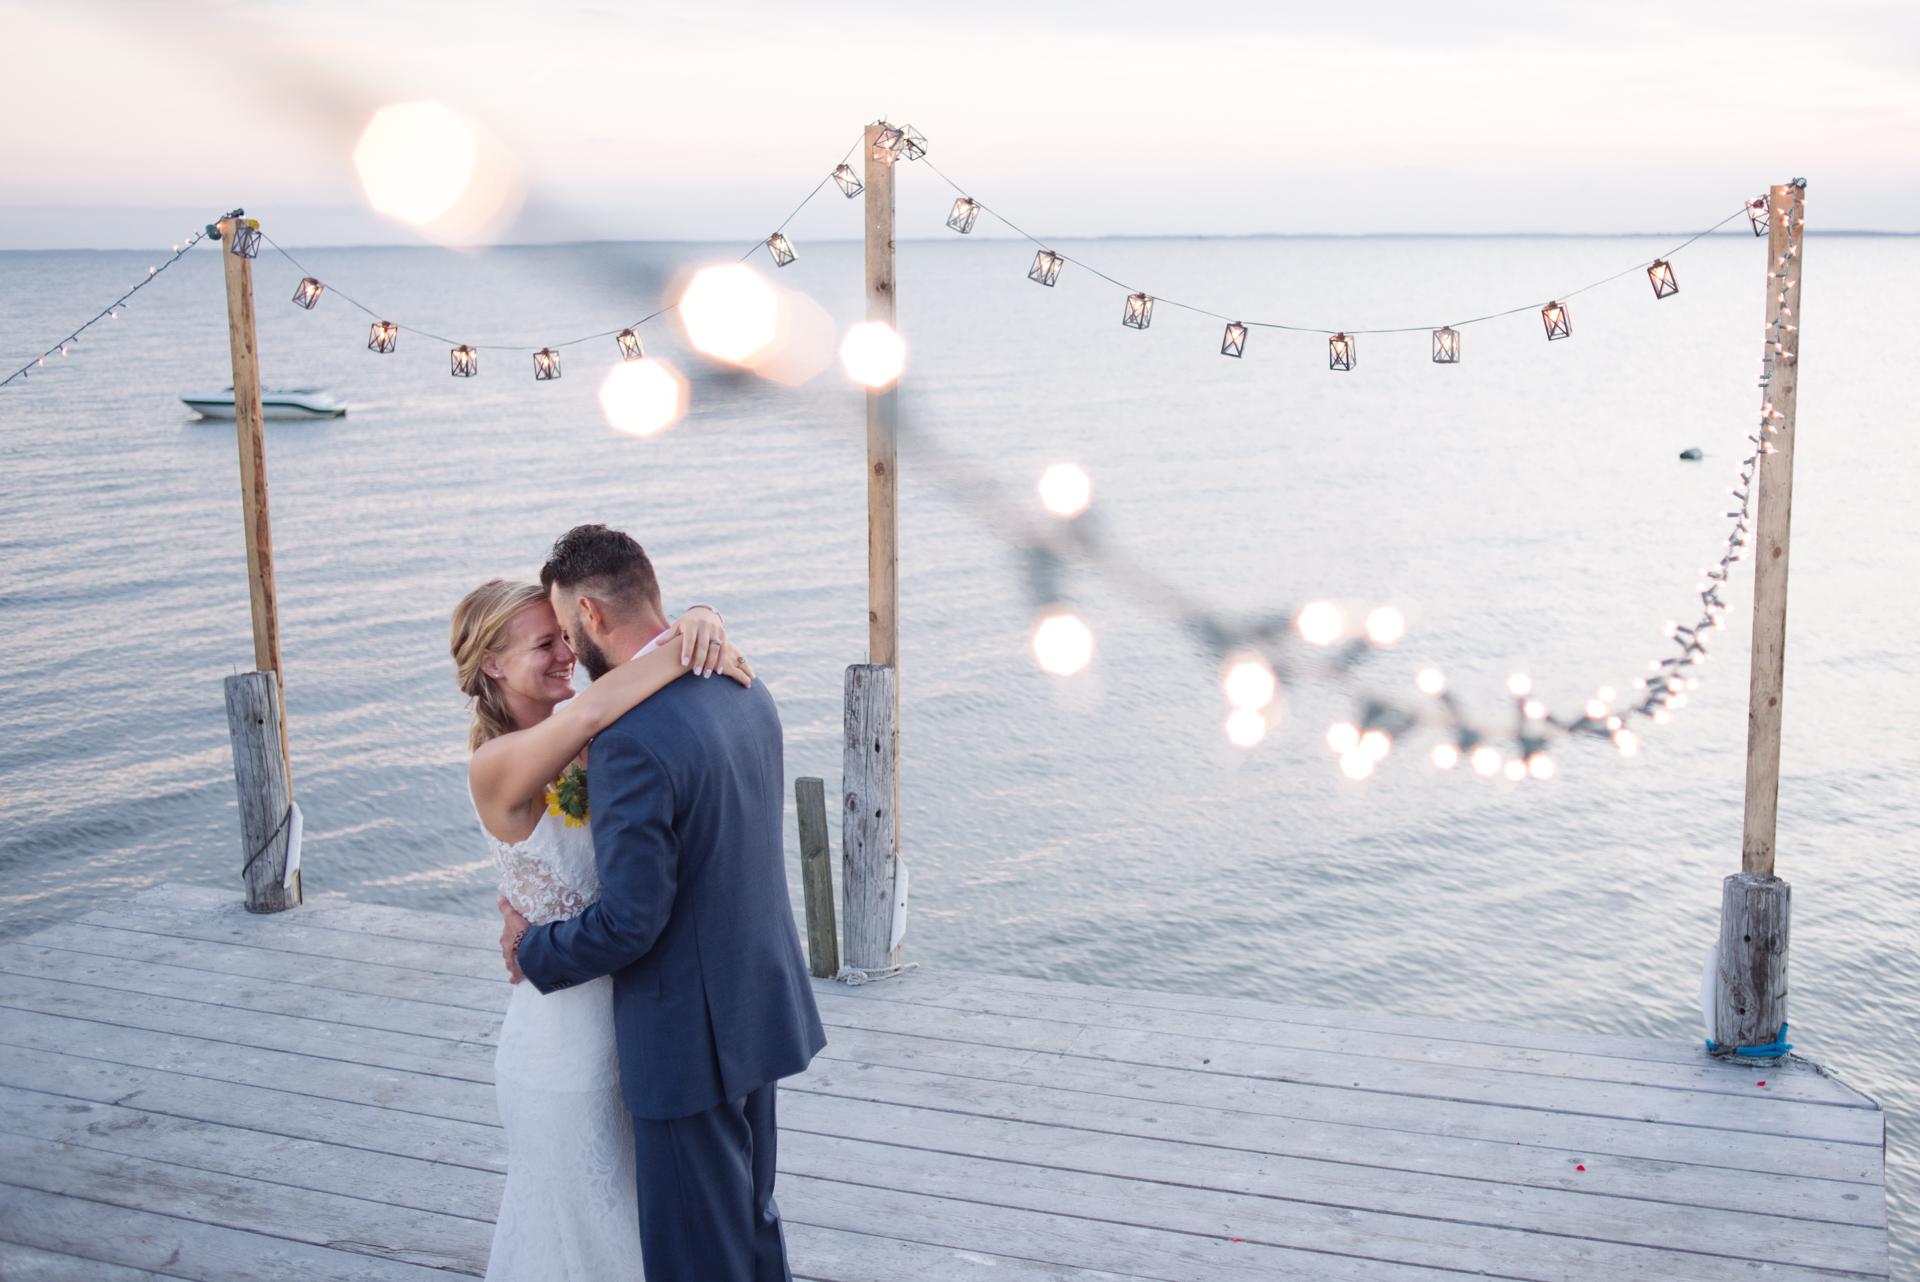 New Jersey Elopement Empfangsdock Foto | Braut und Bräutigam tanzen zum ersten Mal auf dem Dock